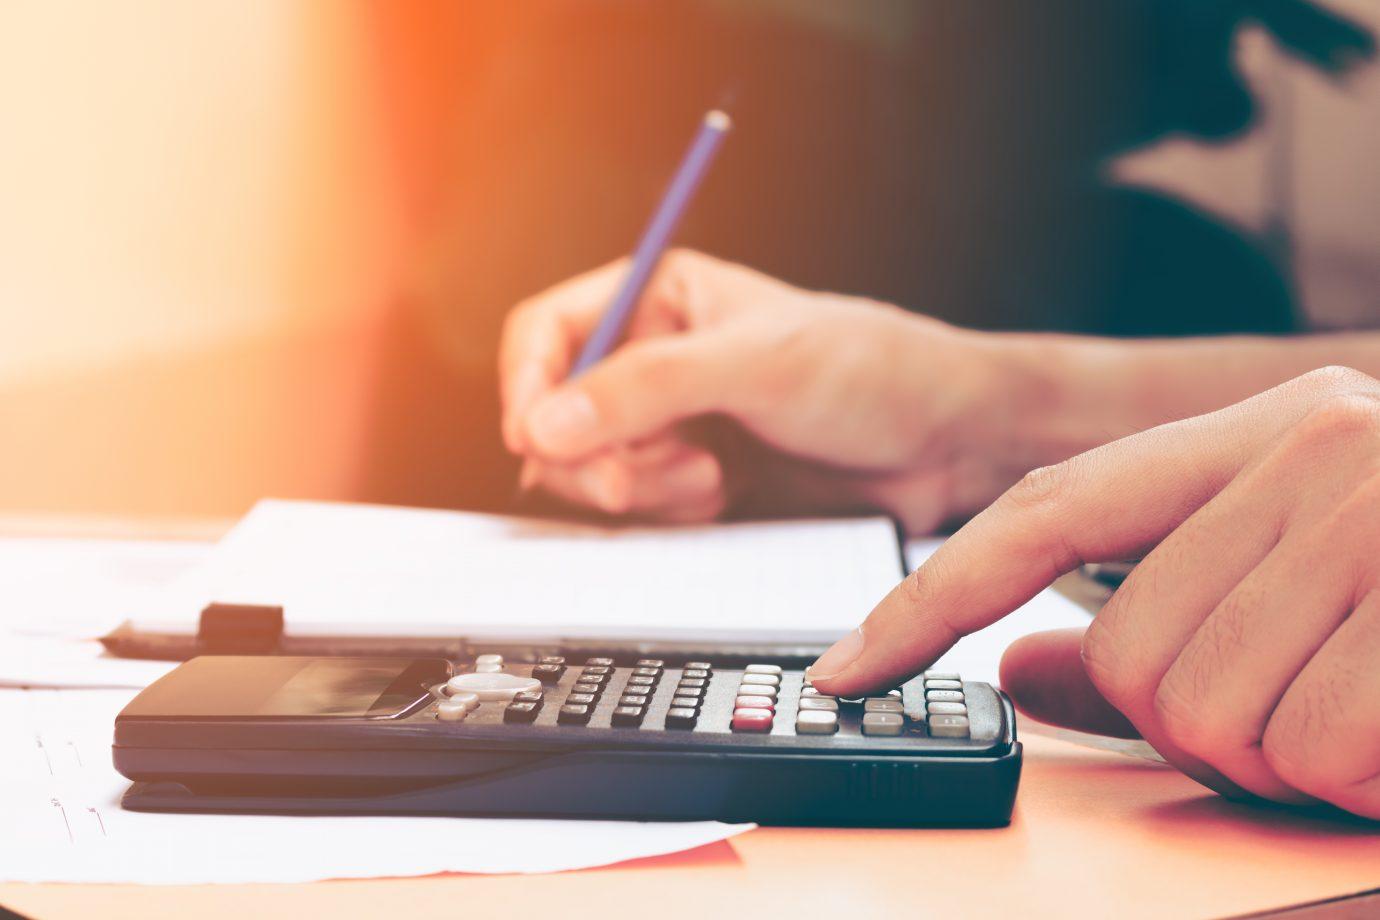 À frente, mão digitando na calculadora. Ao fundo, mão escrevendo em bloco de notas com um lápis.